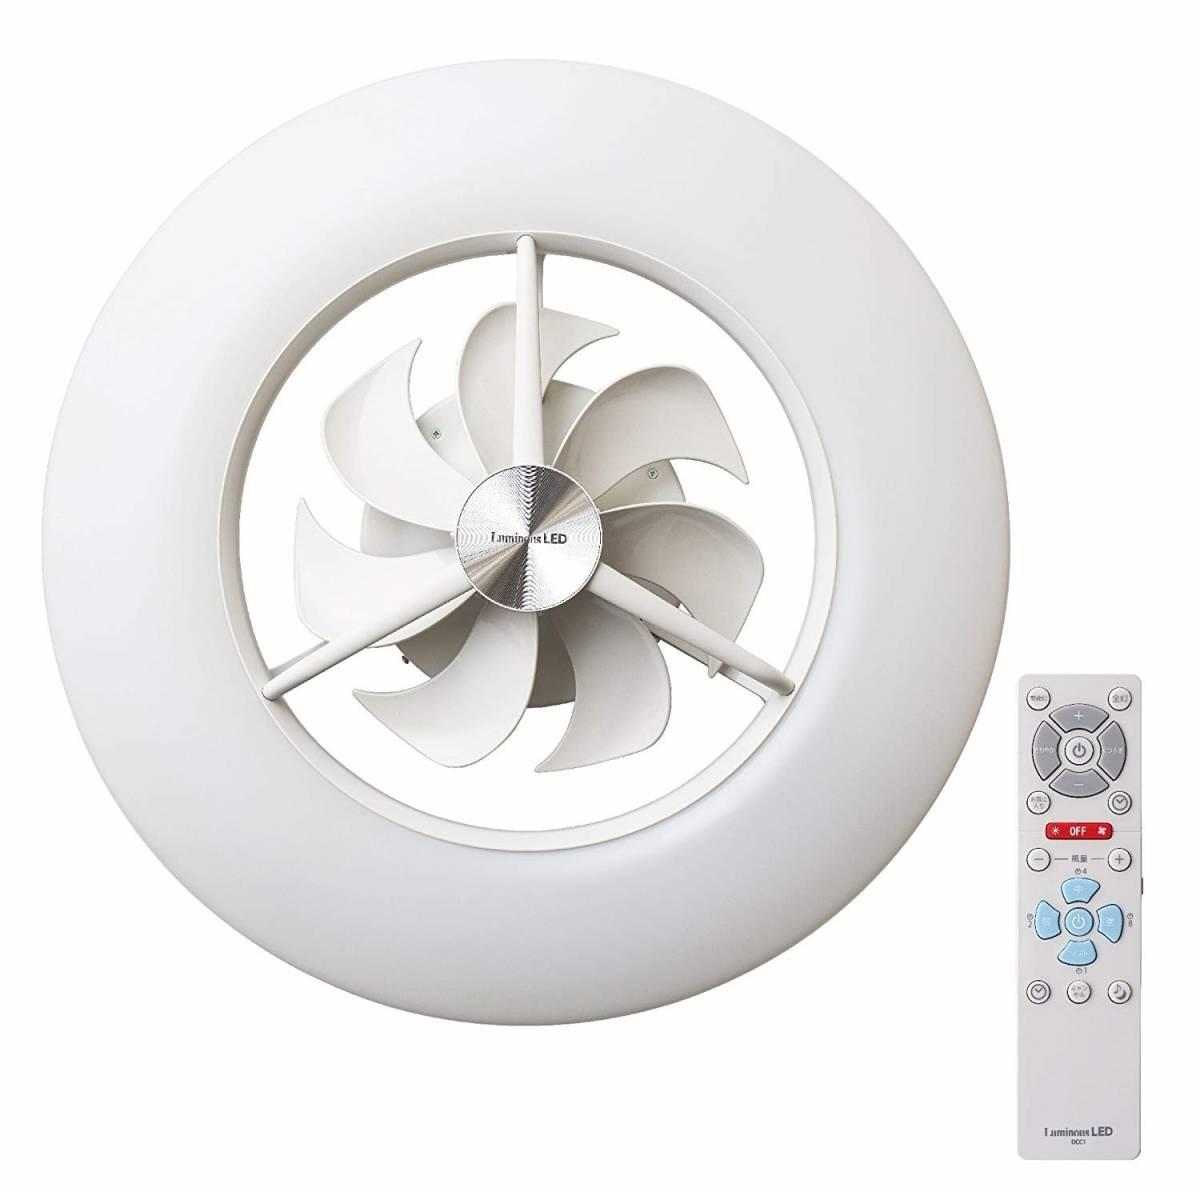 LED シーリングサーキュレーター ルミナス ~8畳 調光調色タイプ 光拡散レンズ搭載 シンプルリモコン付き ACC-08CM154_画像1